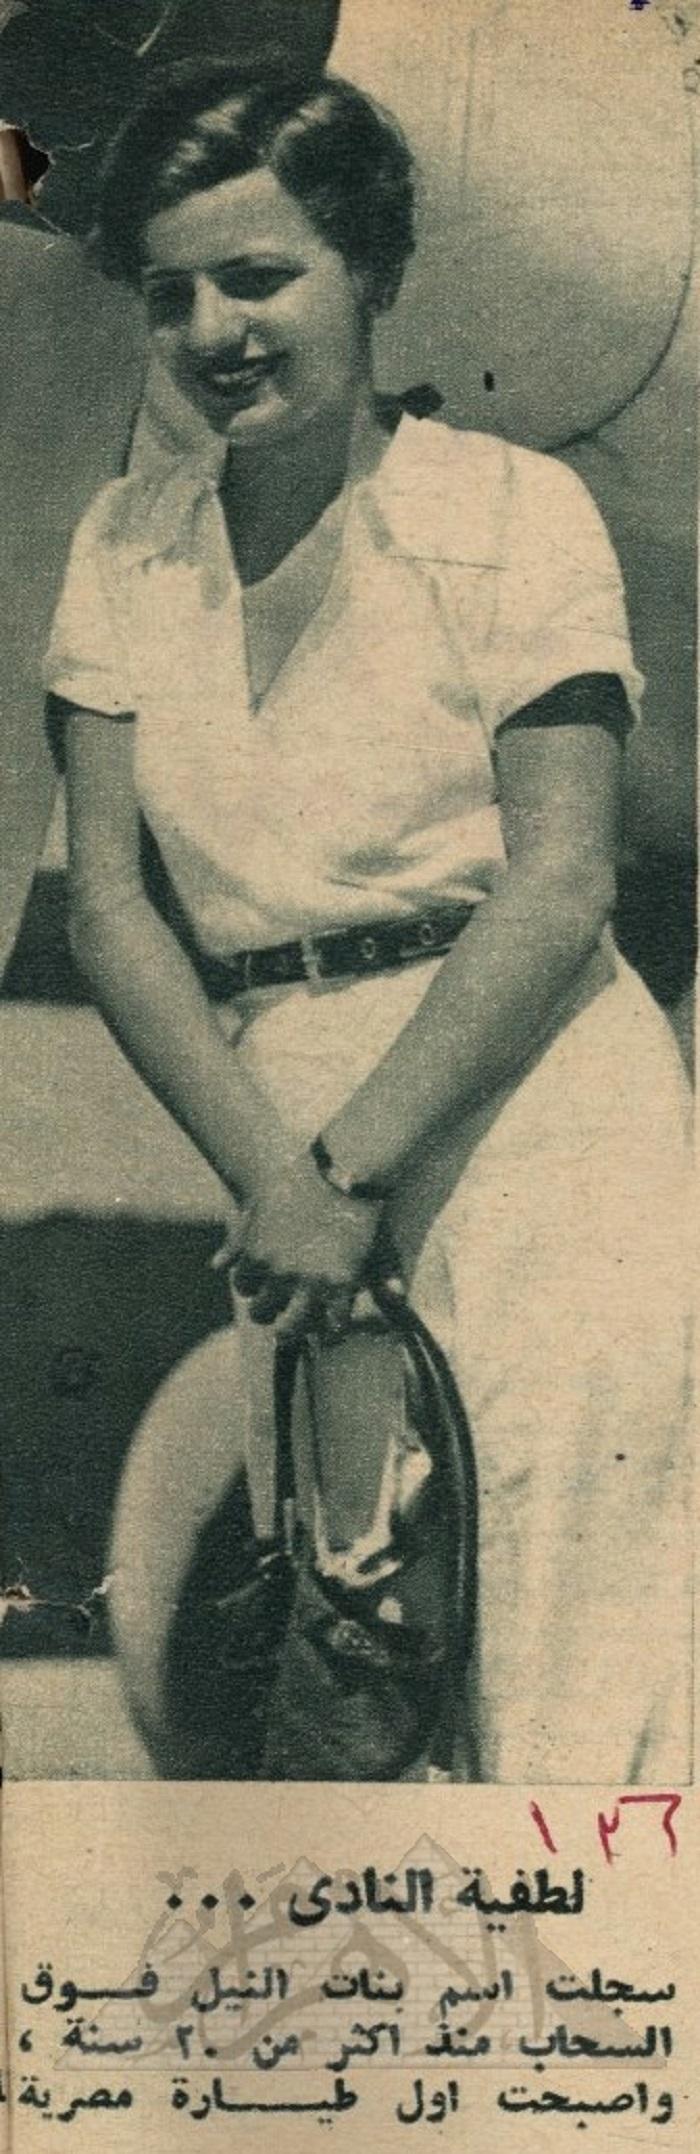 Lotfia El-Nadi